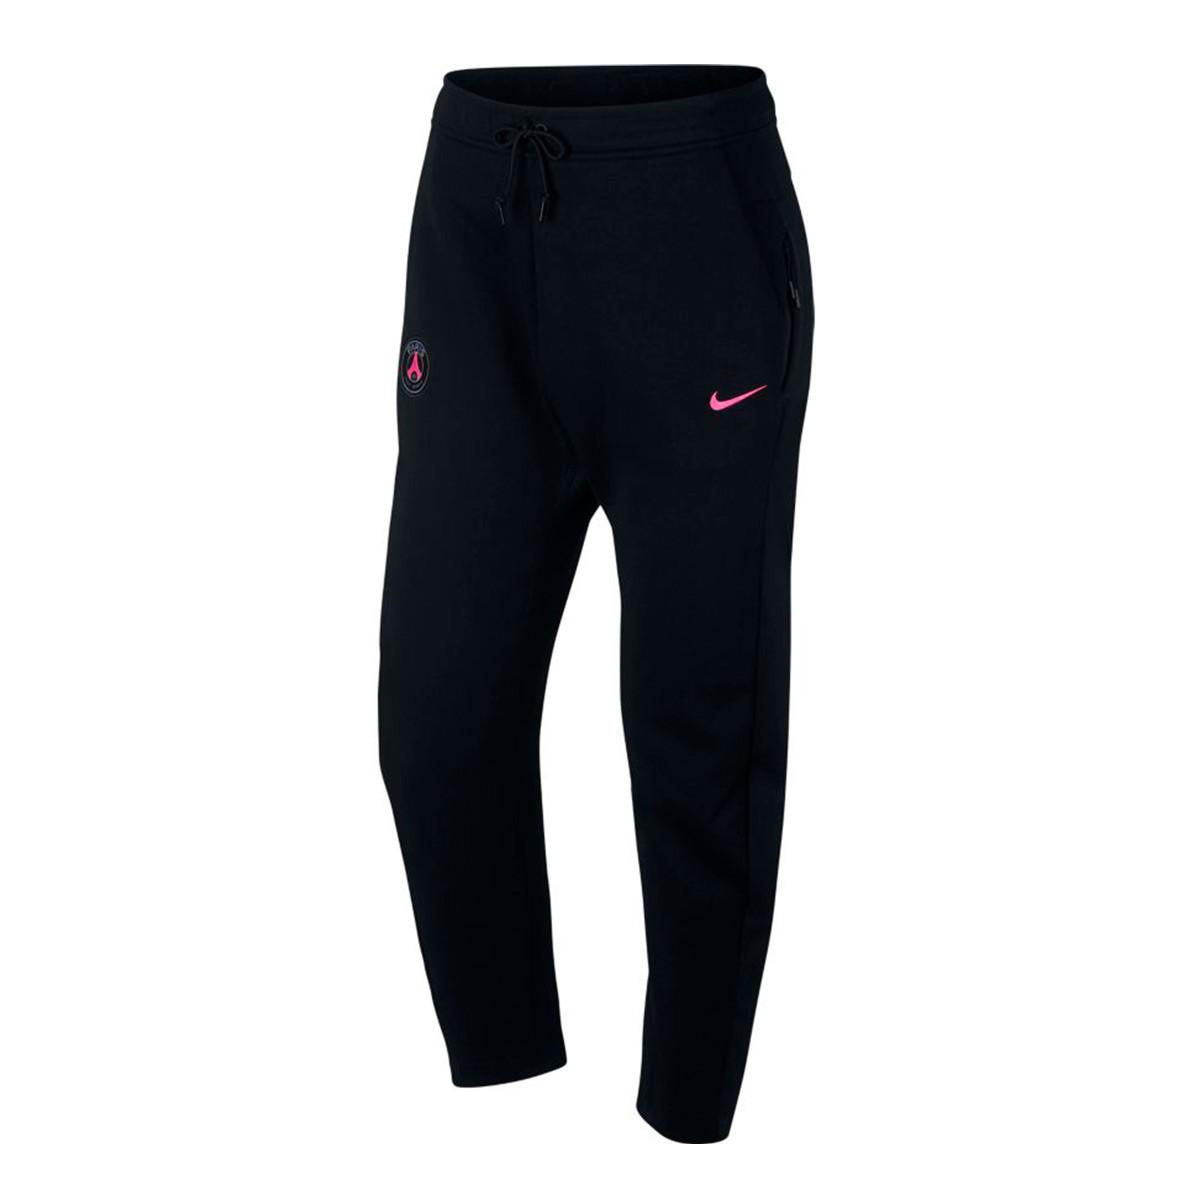 a9d5c39e43c3b5 Nike Paris Saint-Germain NSW Tech Fleece 2018-2019 PANT AUT Long pants.  Black-Hyper pink ...